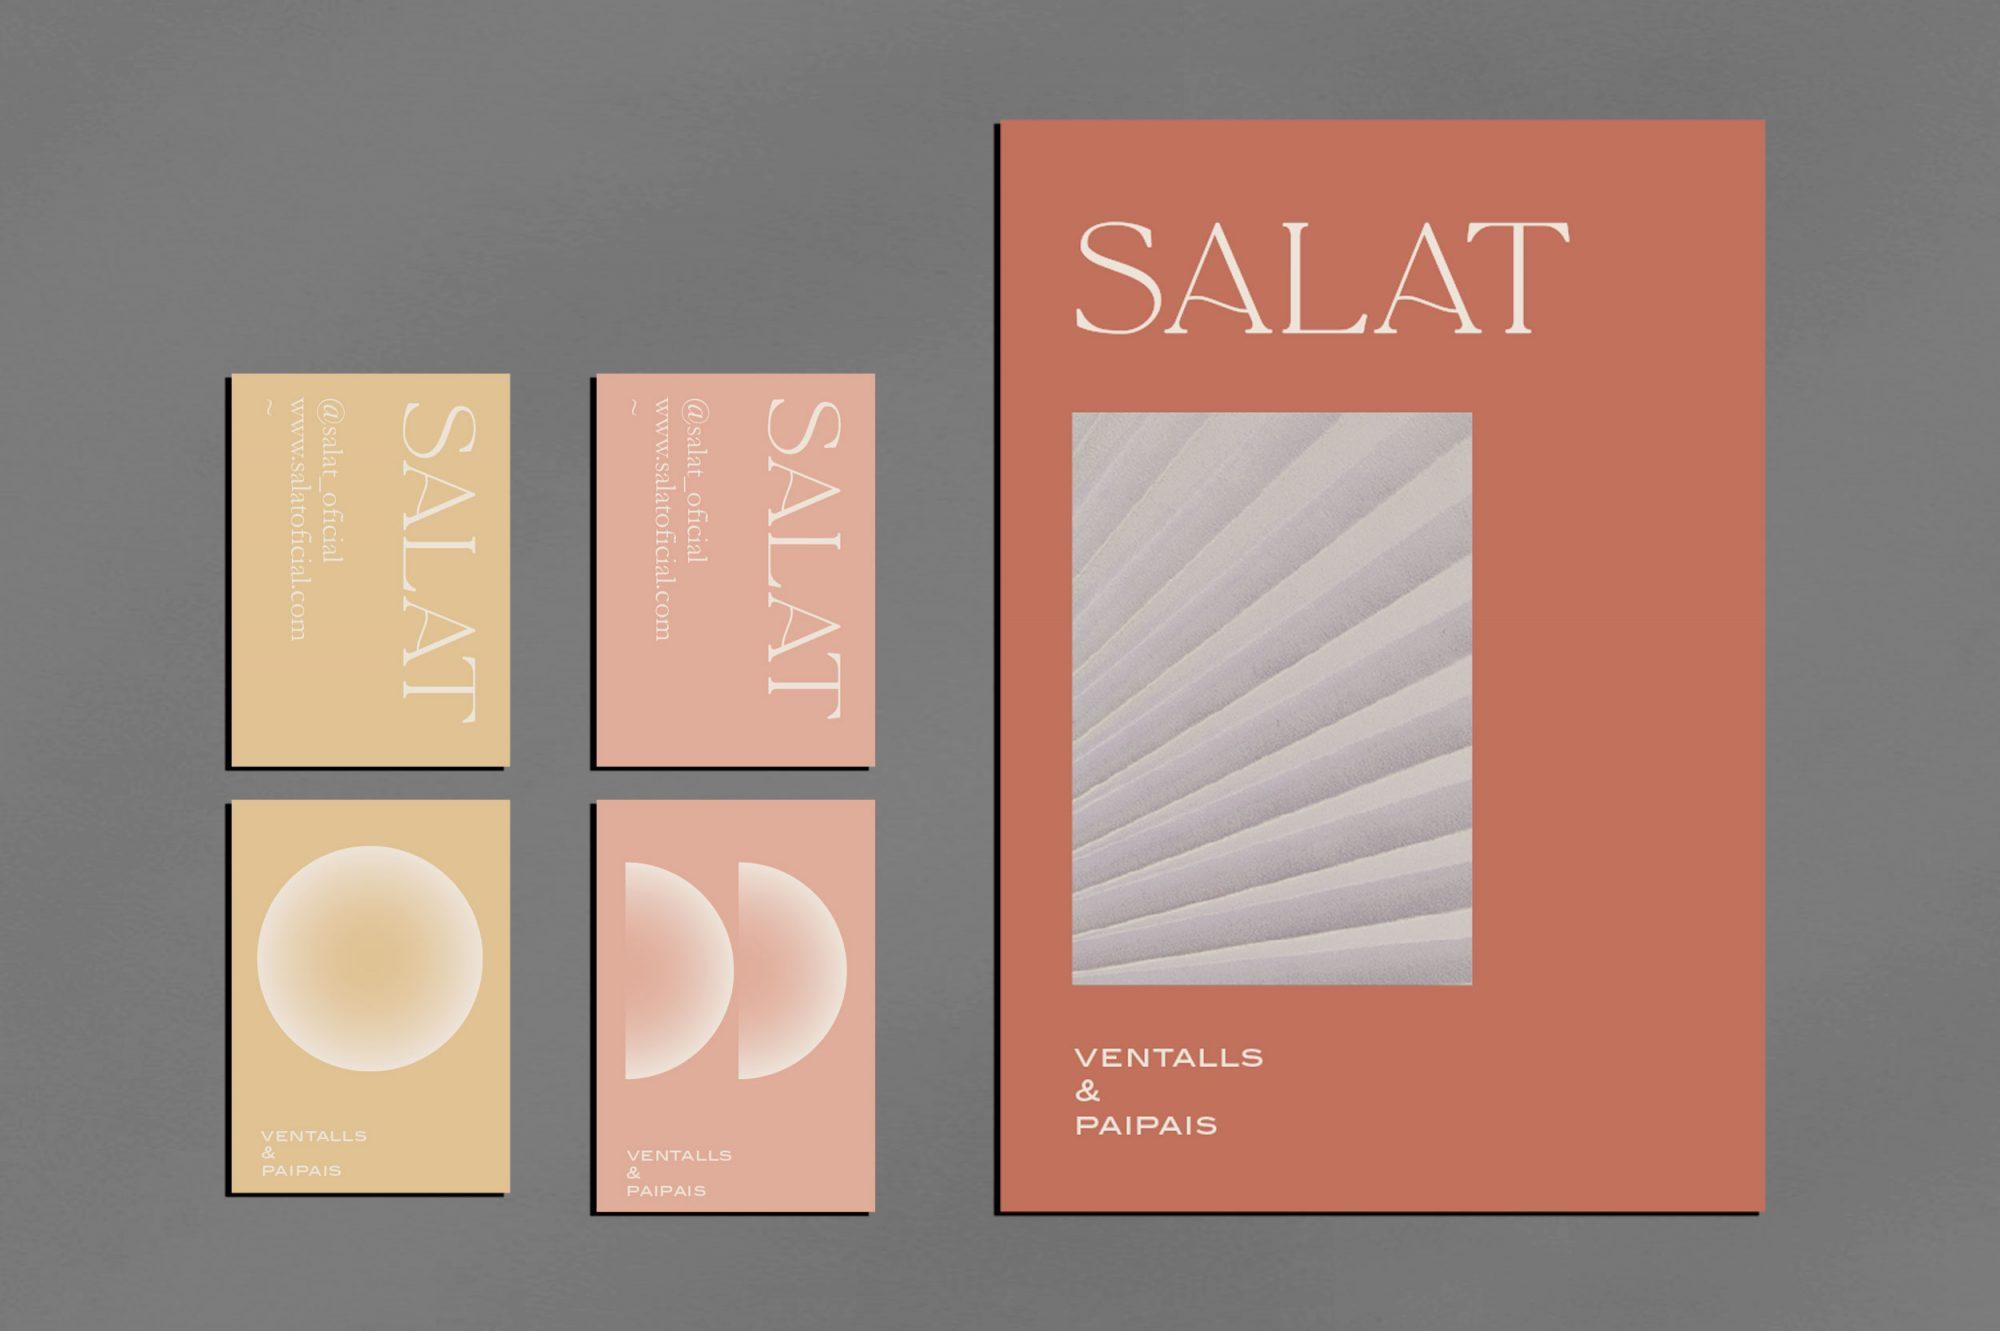 estelalcaraz_salat_09